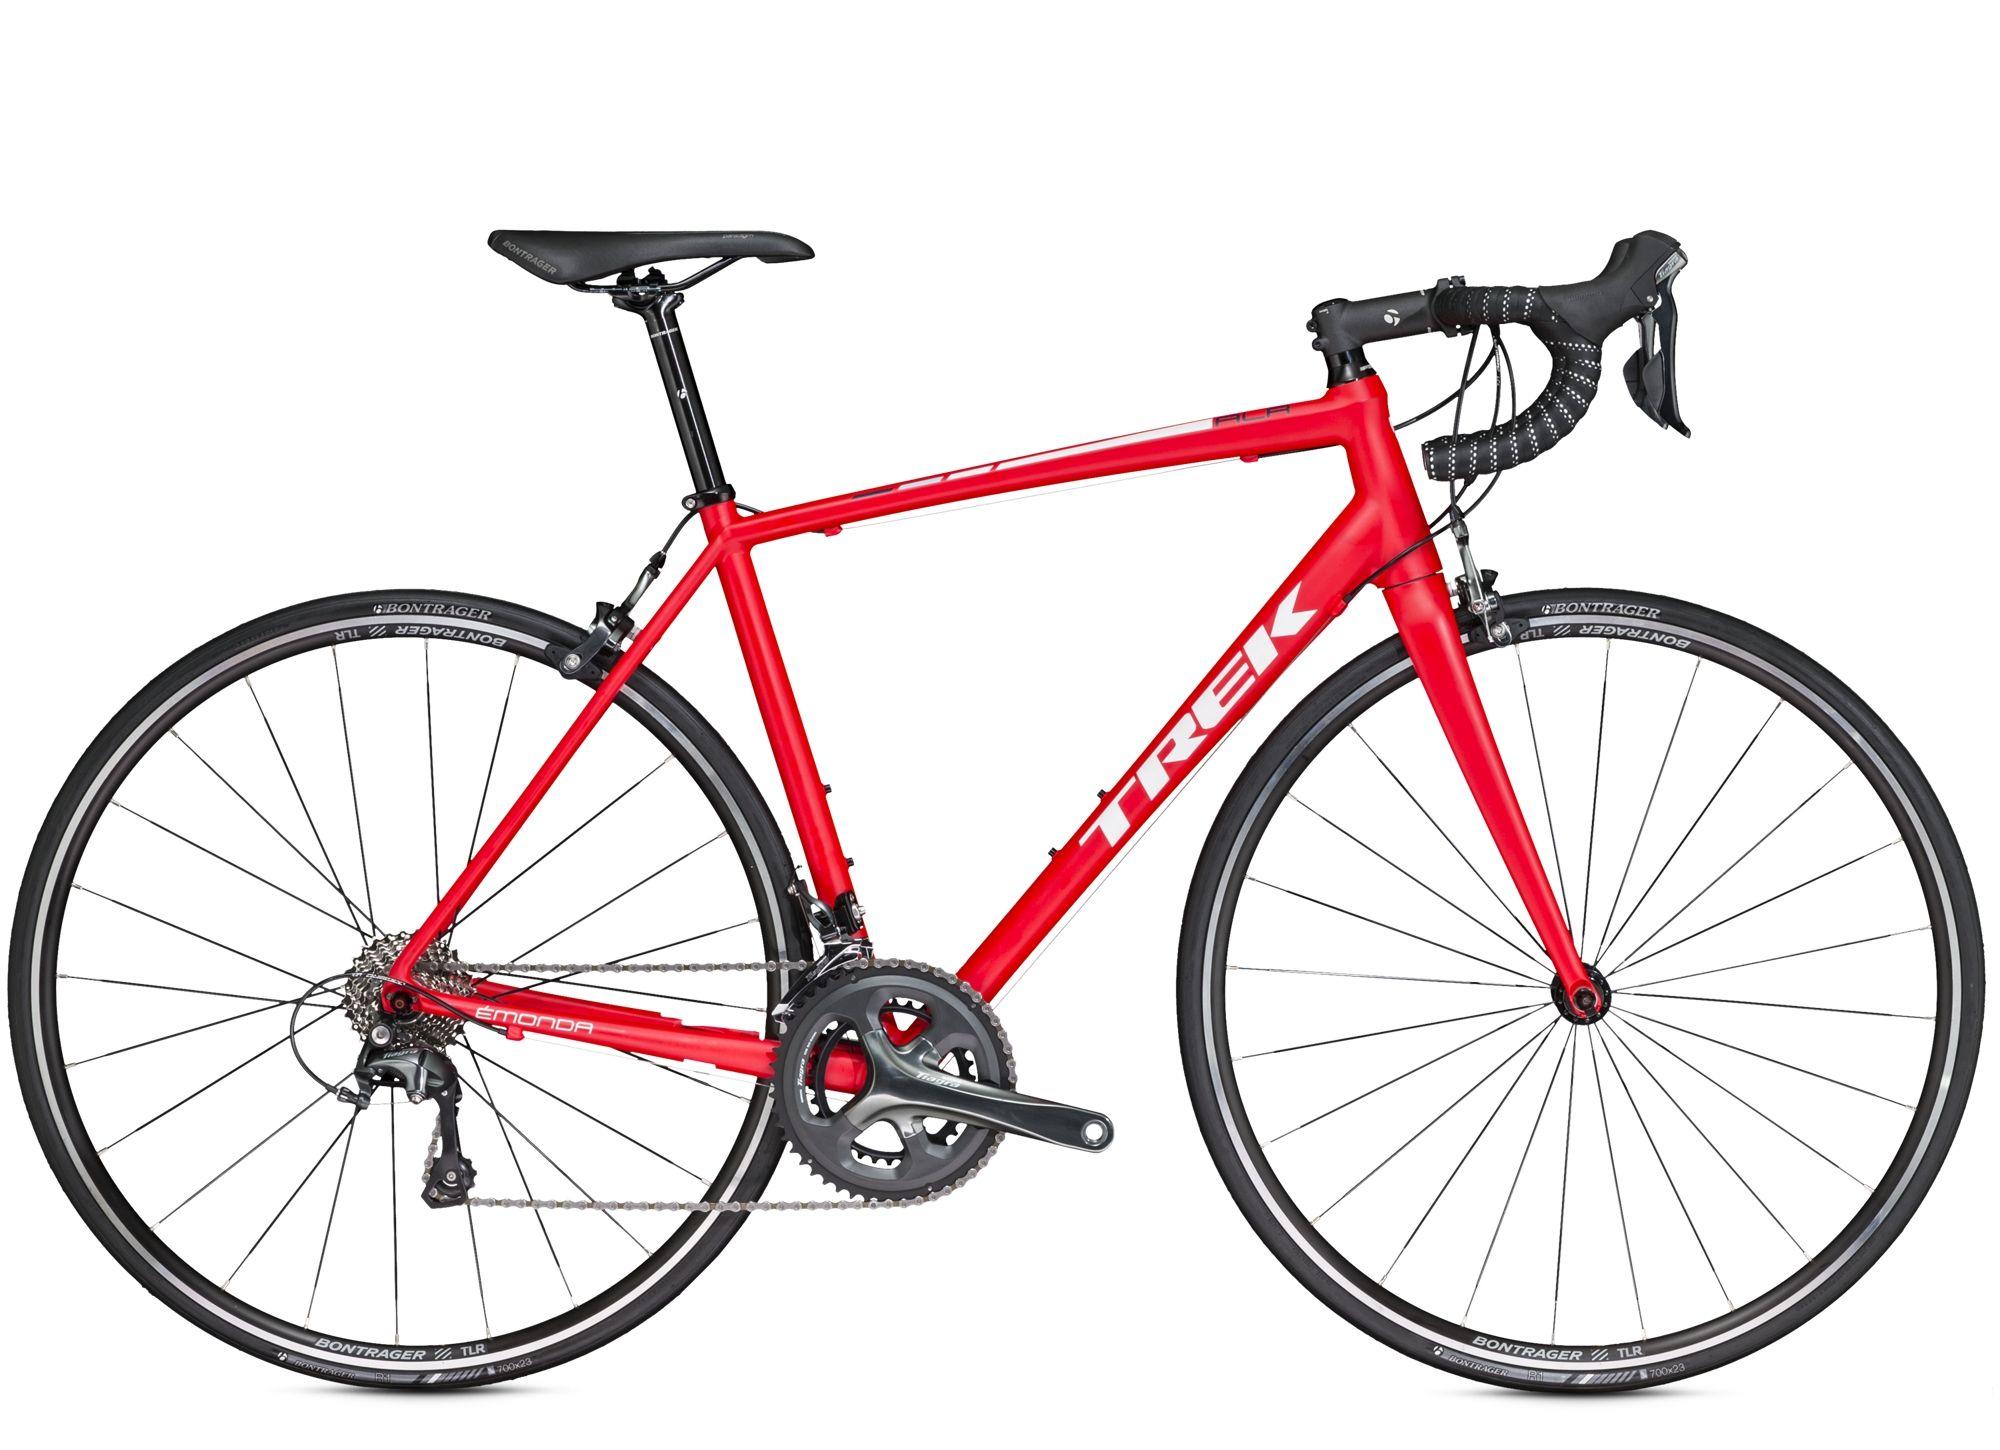 Trek Emonda Alr 4 Village Cycle Center Chicago S Best Bike